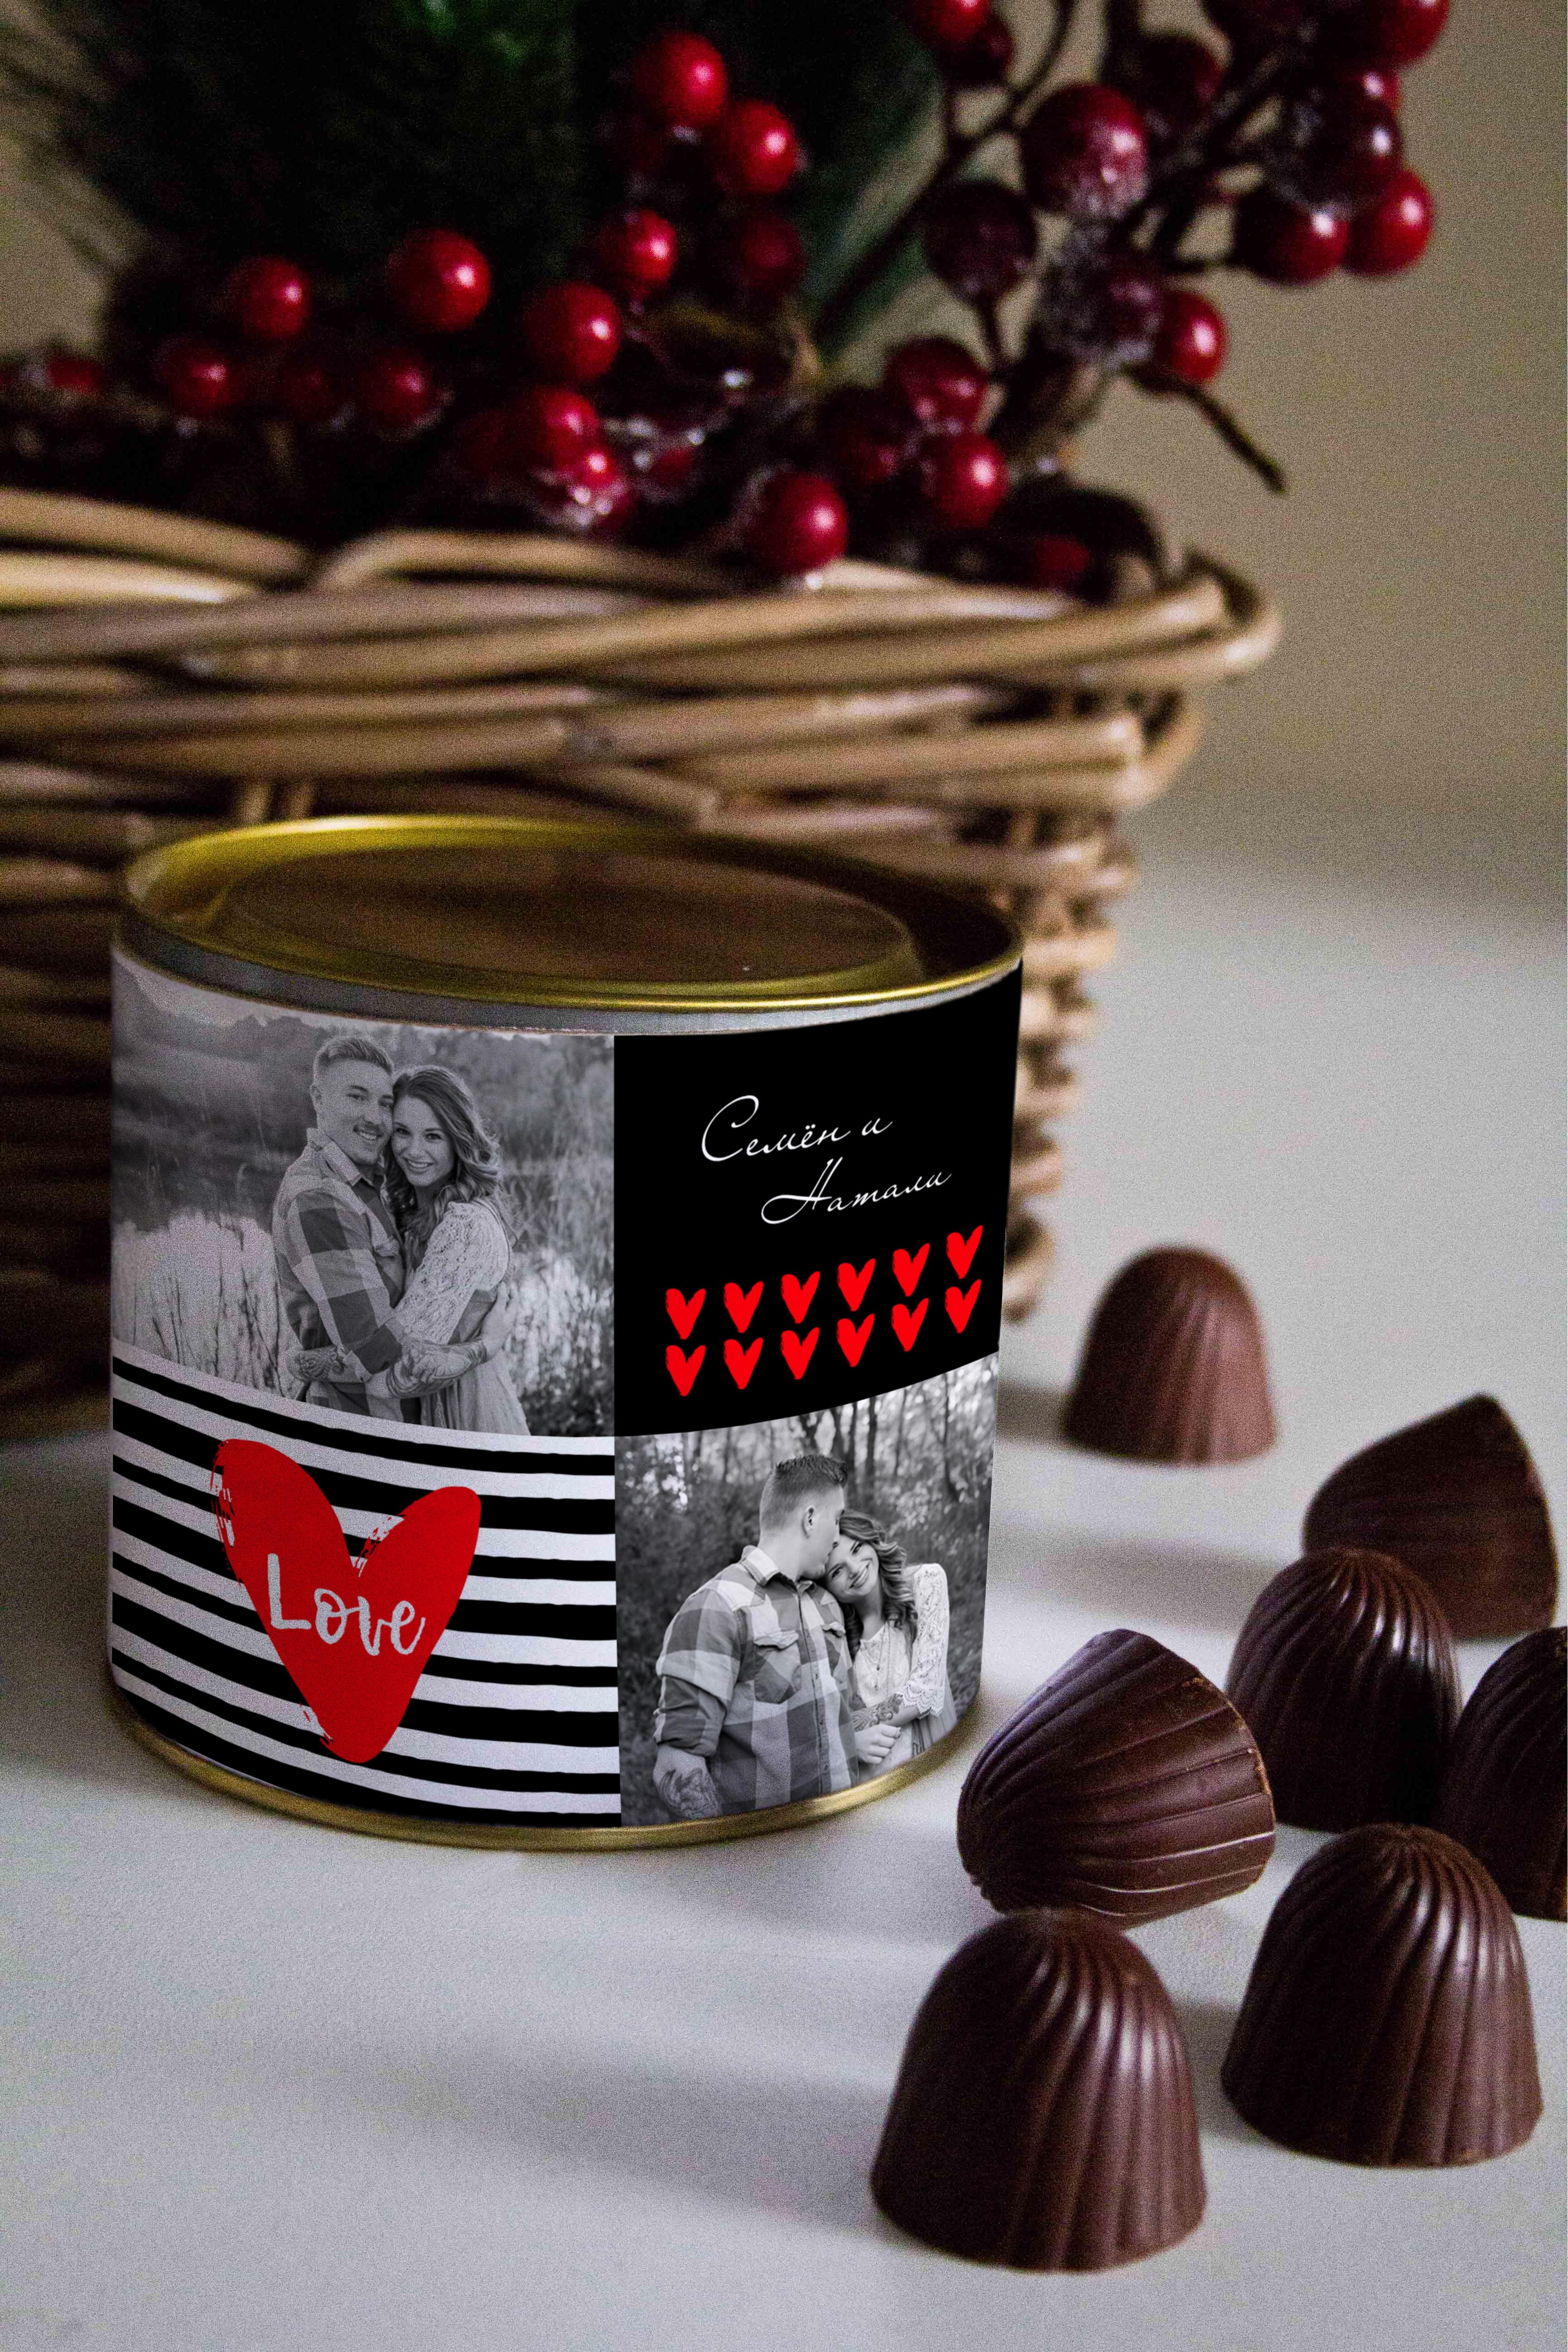 Банка шоколадных конфет с Вашим именем Живи, Смейся, ЛюбиПодарки на день рождения<br>Банка шоколадных конфет с Вашим именем, 130г (8 конфет ассорти). Размер банки: 9*10см.<br>